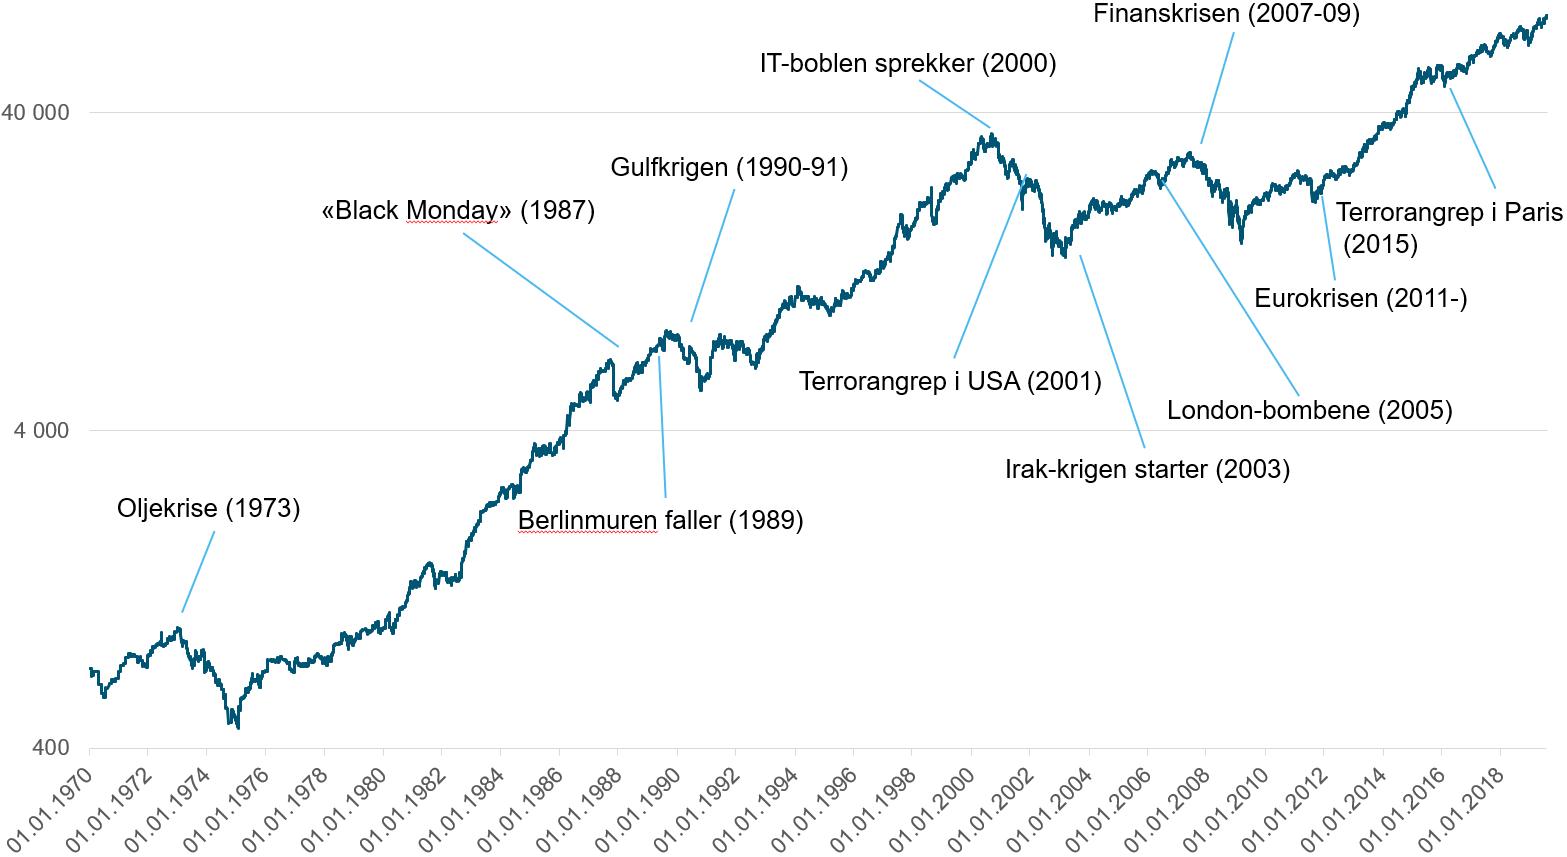 Her ser du utviklingen i det globale aksjemarkedet (MSCI World) fra 1970 og frem til 2019 og hvordan store børsfall vanligvis etterfølges av kraftig børsoppgang.